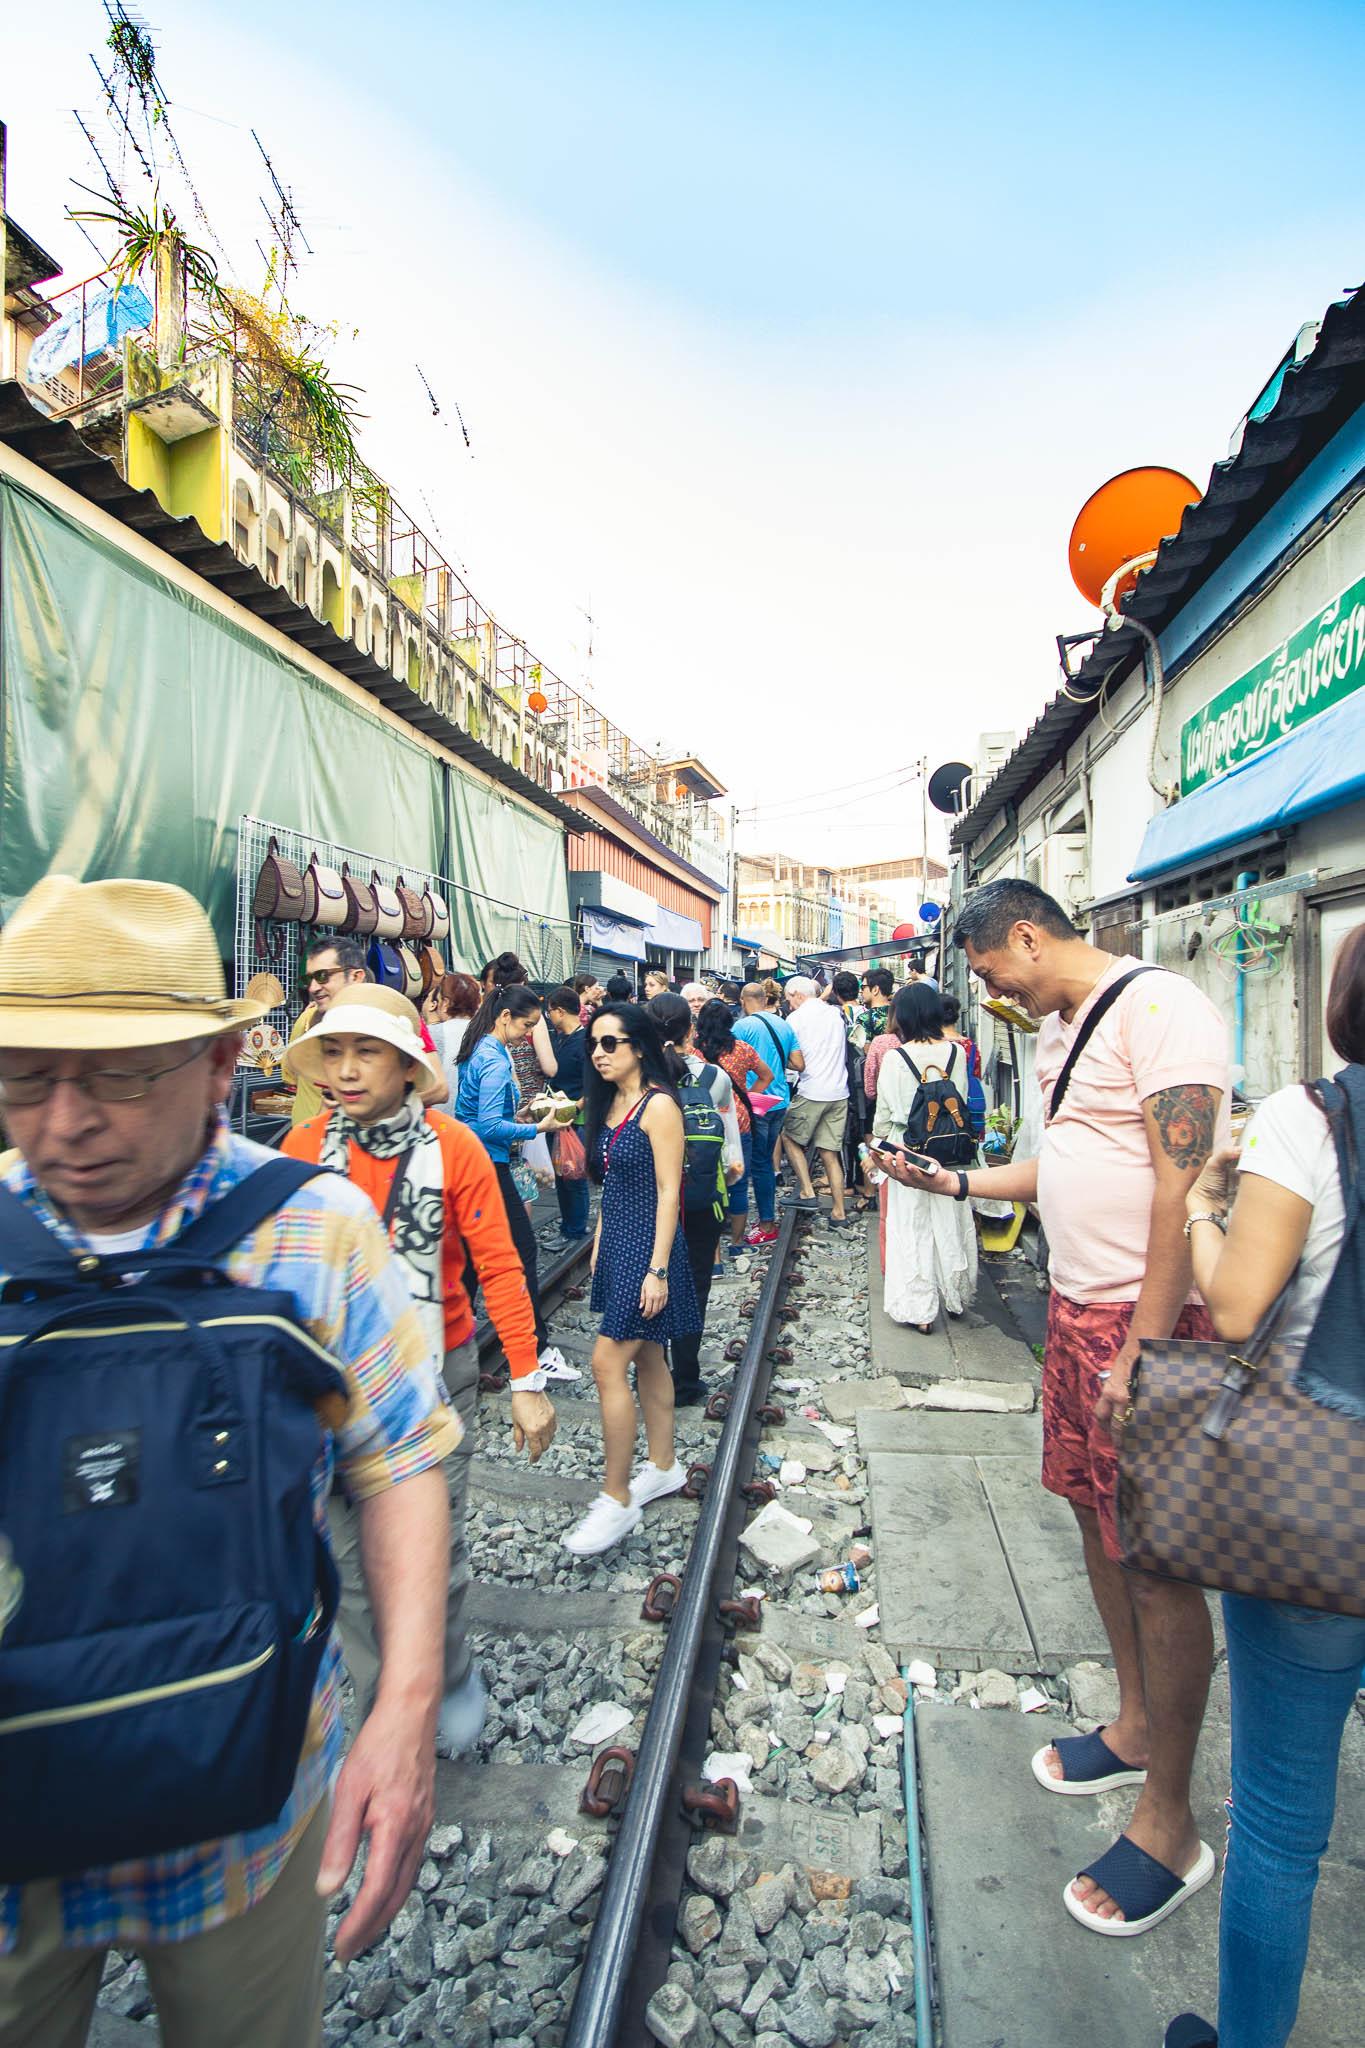 7 Golpes aplicados em turistas na Tailândia, e como prevenir?